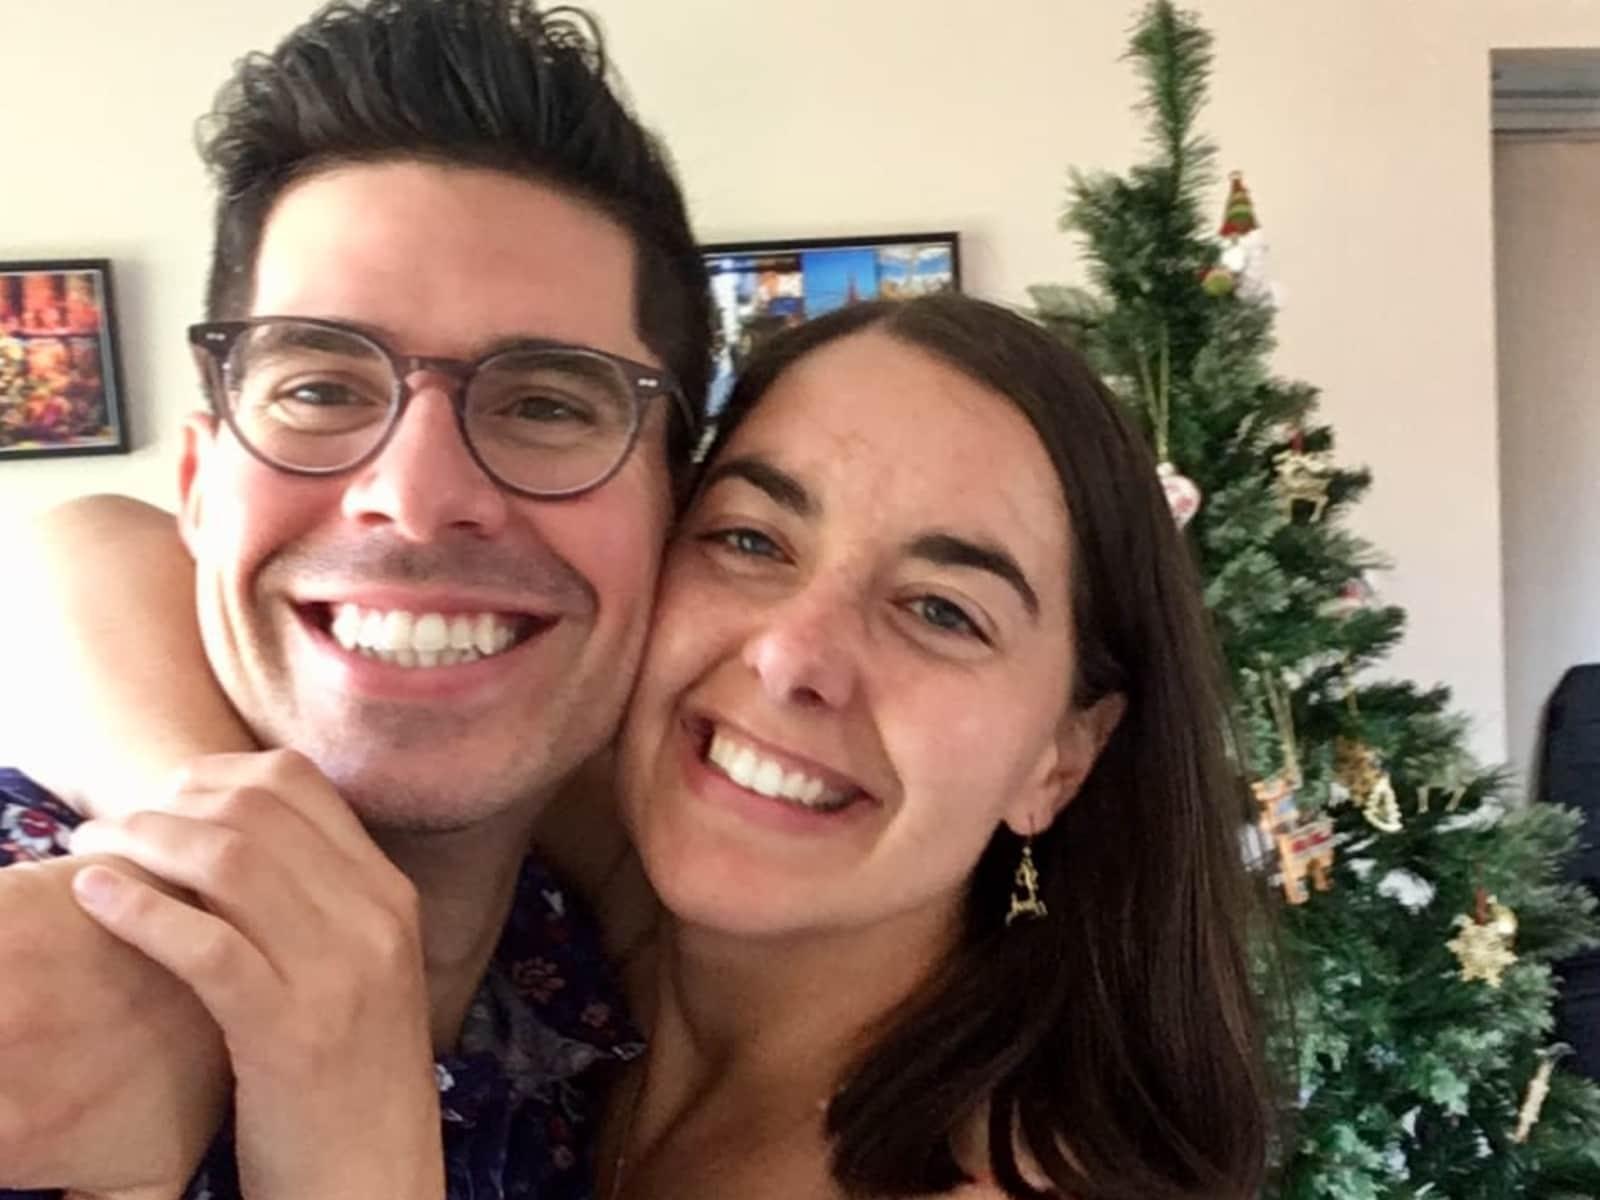 Antonio & Lizzy from Melbourne, Victoria, Australia